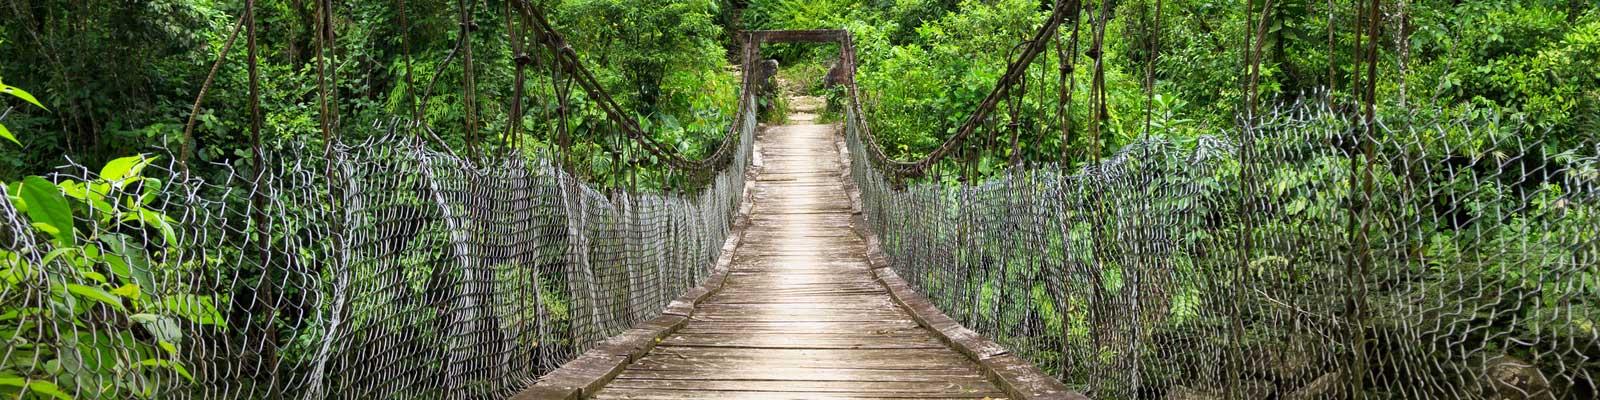 Ecuador Immobilien - Ferienhaus, Luxusimmobilien, Strandimmobilie - Leben, Urlaub, Investieren